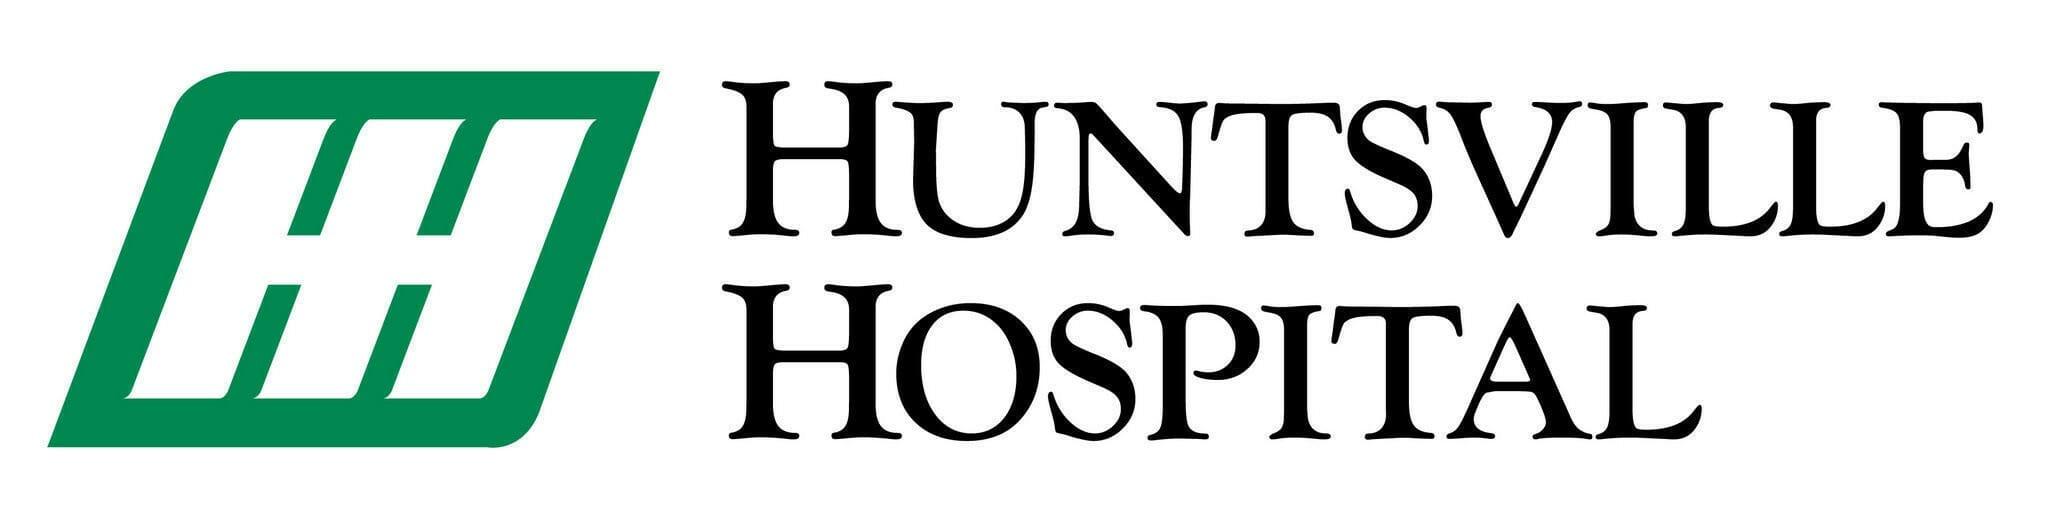 huntsville-hospital-logojpg-175b5de61c6ee365